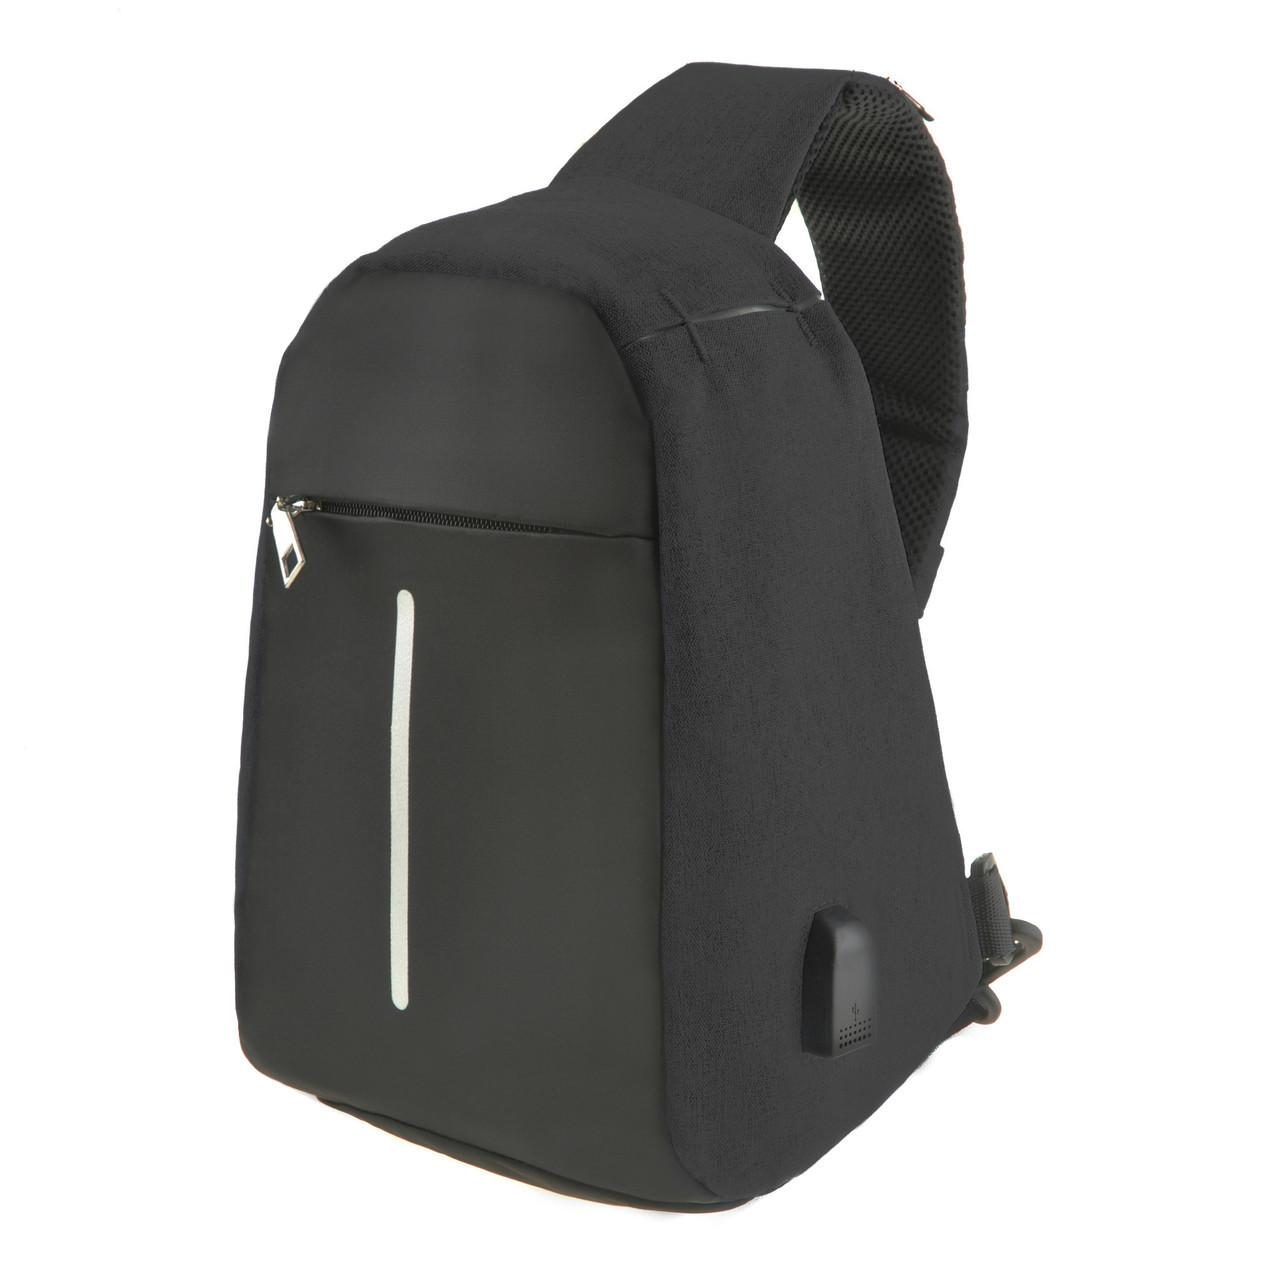 Городской рюкзак Bobby Mini однолямочный 10х19х30 защита от краж, USB-порт, чёрный водонепроницаемый ксНЛ1689ч